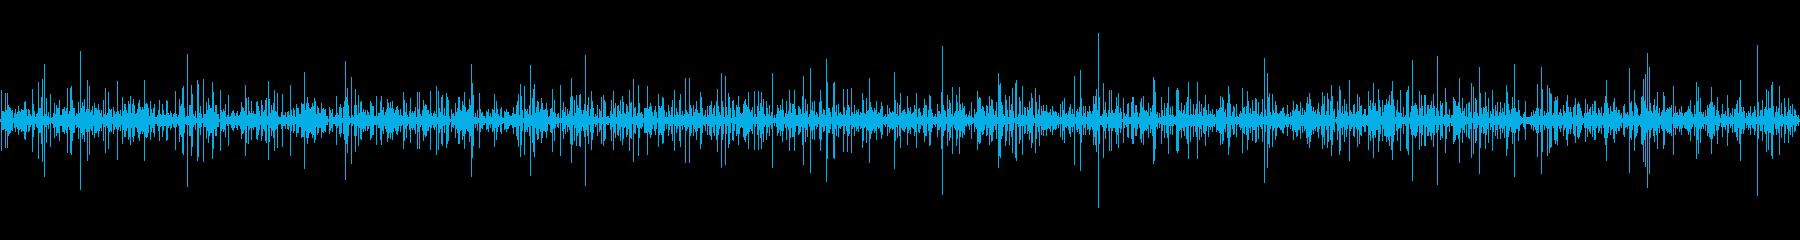 波打つ水の再生済みの波形